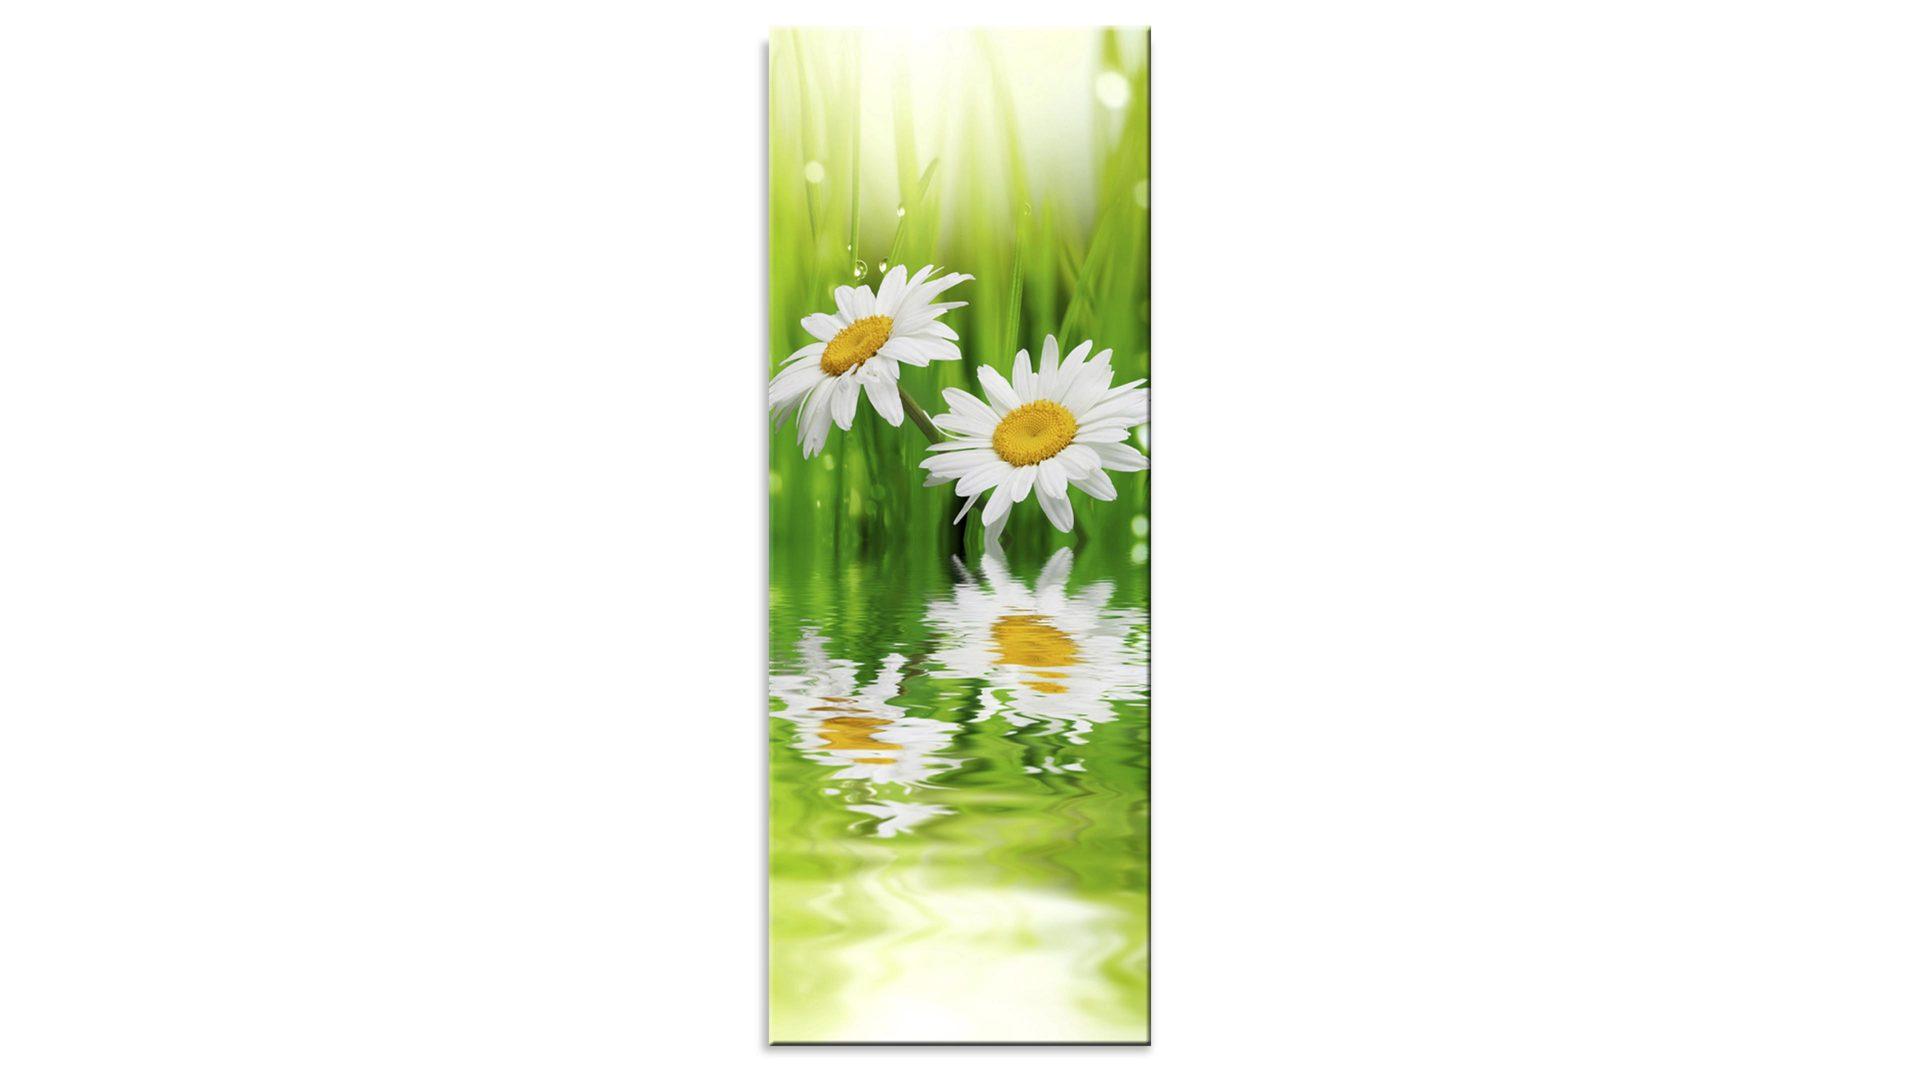 Mobel Janz Gmbh Raume Esszimmer Glasbild Glasbild Ganseblumchen